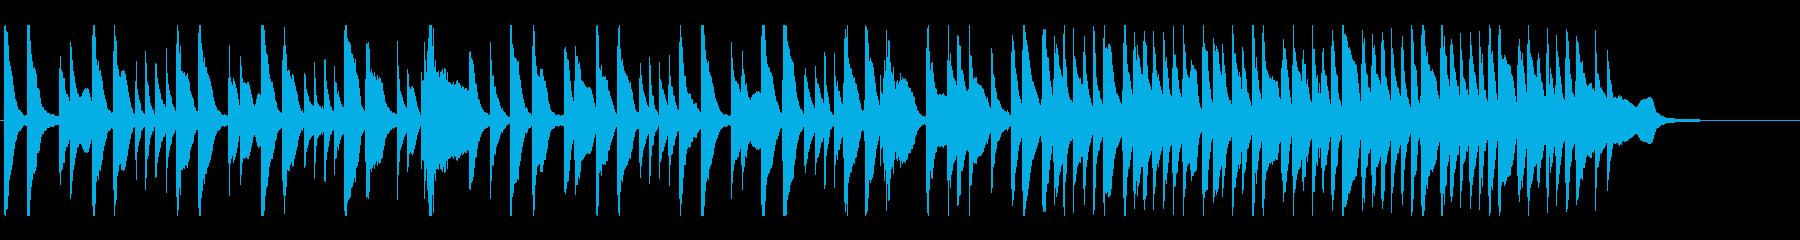 鳩の鳴き声BGMの再生済みの波形